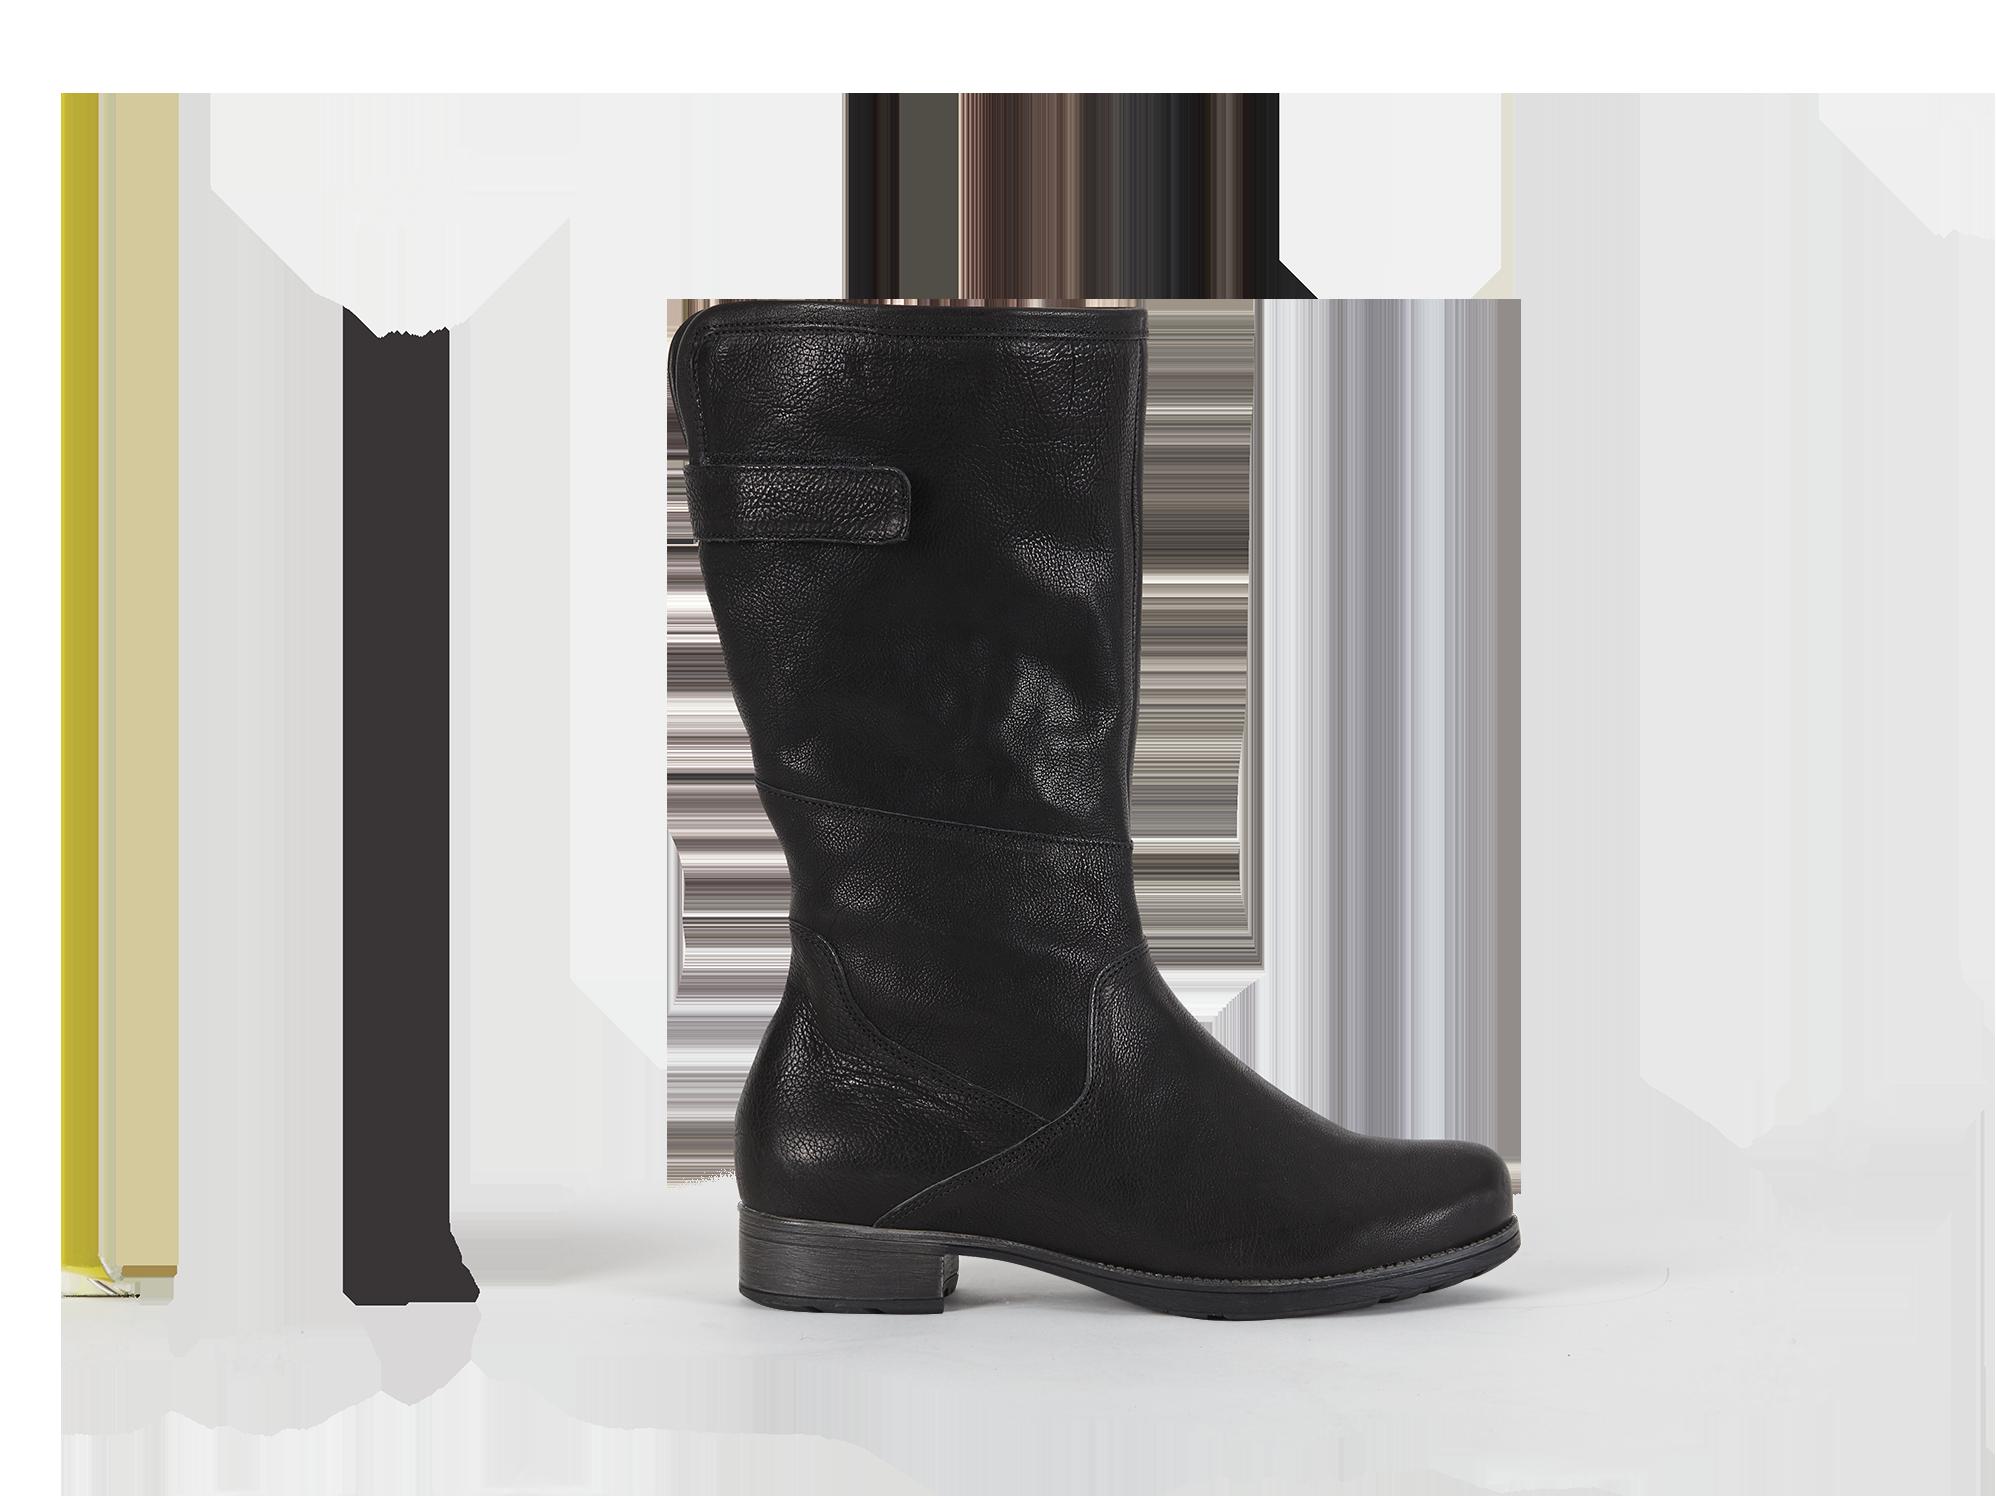 bezahlbarer Preis Vielzahl von Designs und Farben große sorten Stiefel mit Lammfell